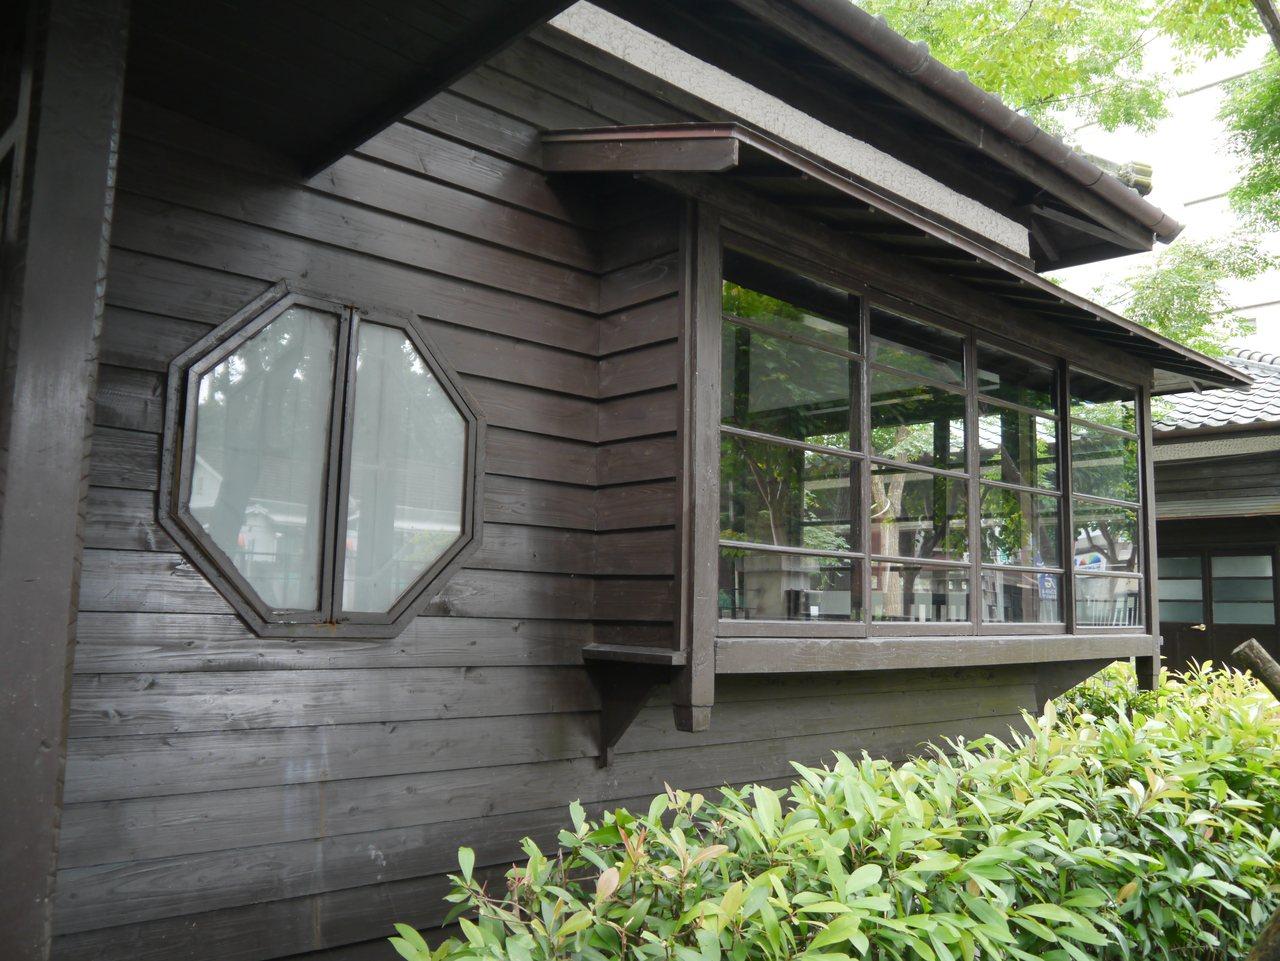 應接室洋式建築風格。(圖/國立台灣文學館)